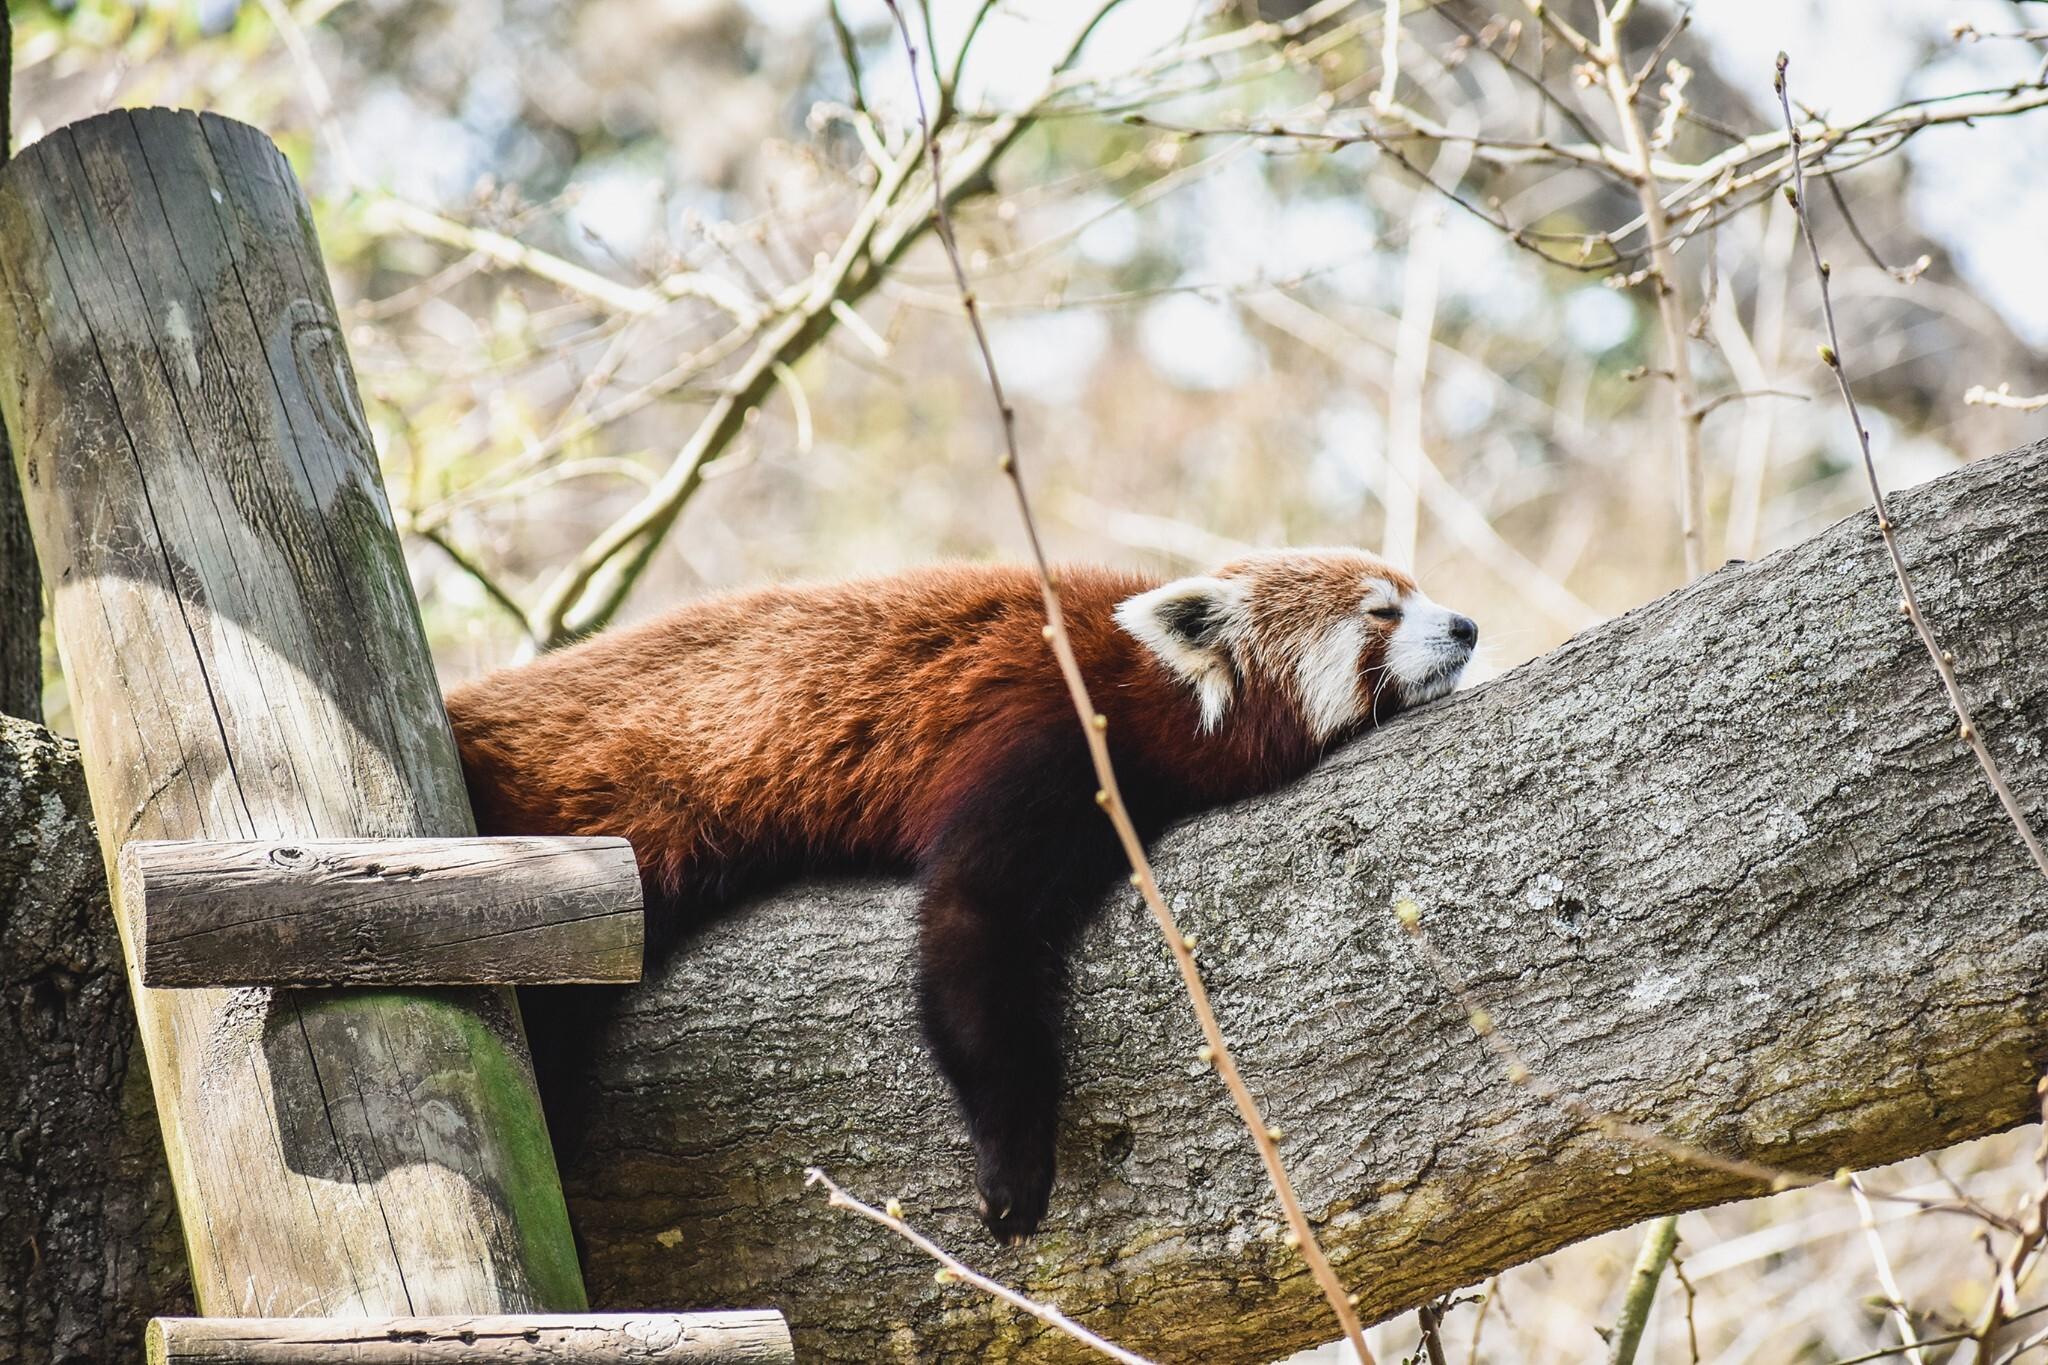 Photos: 3 red pandas at Virginia Zoo celebratebirthdays